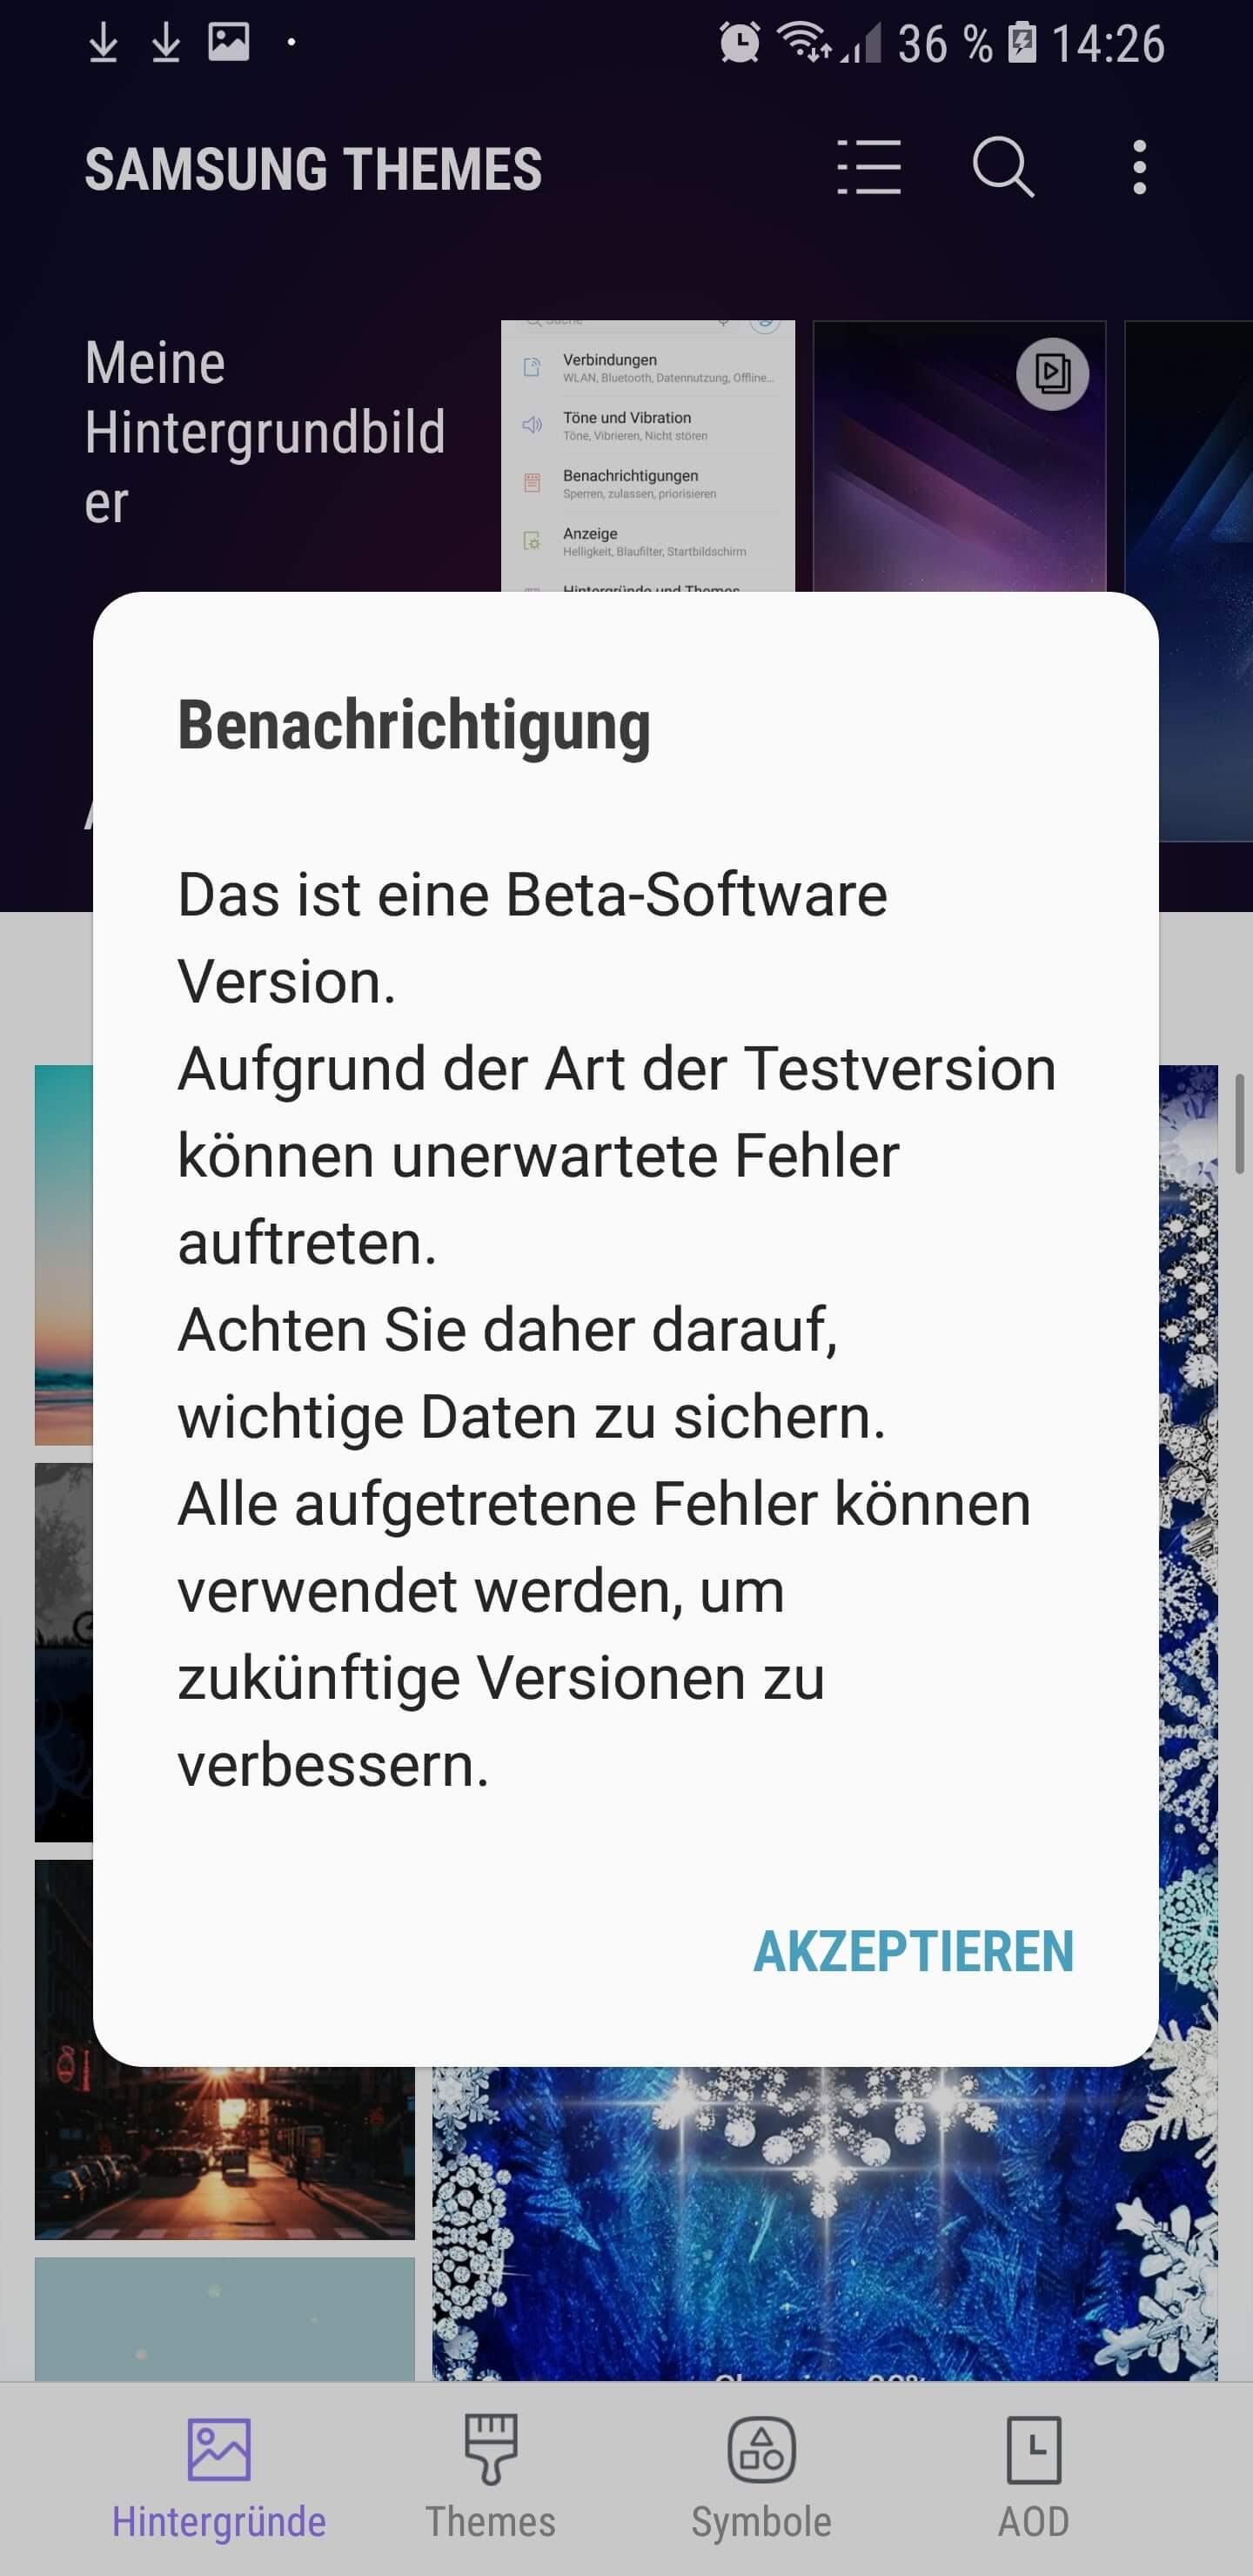 Überraschung: Samsung veröffentlicht Galaxy S8 (S8+) Android 8 Beta auch in Deutschland 10 techboys.de • smarte News, auf den Punkt! Überraschung: Samsung veröffentlicht Galaxy S8 (S8+) Android 8 Beta auch in Deutschland